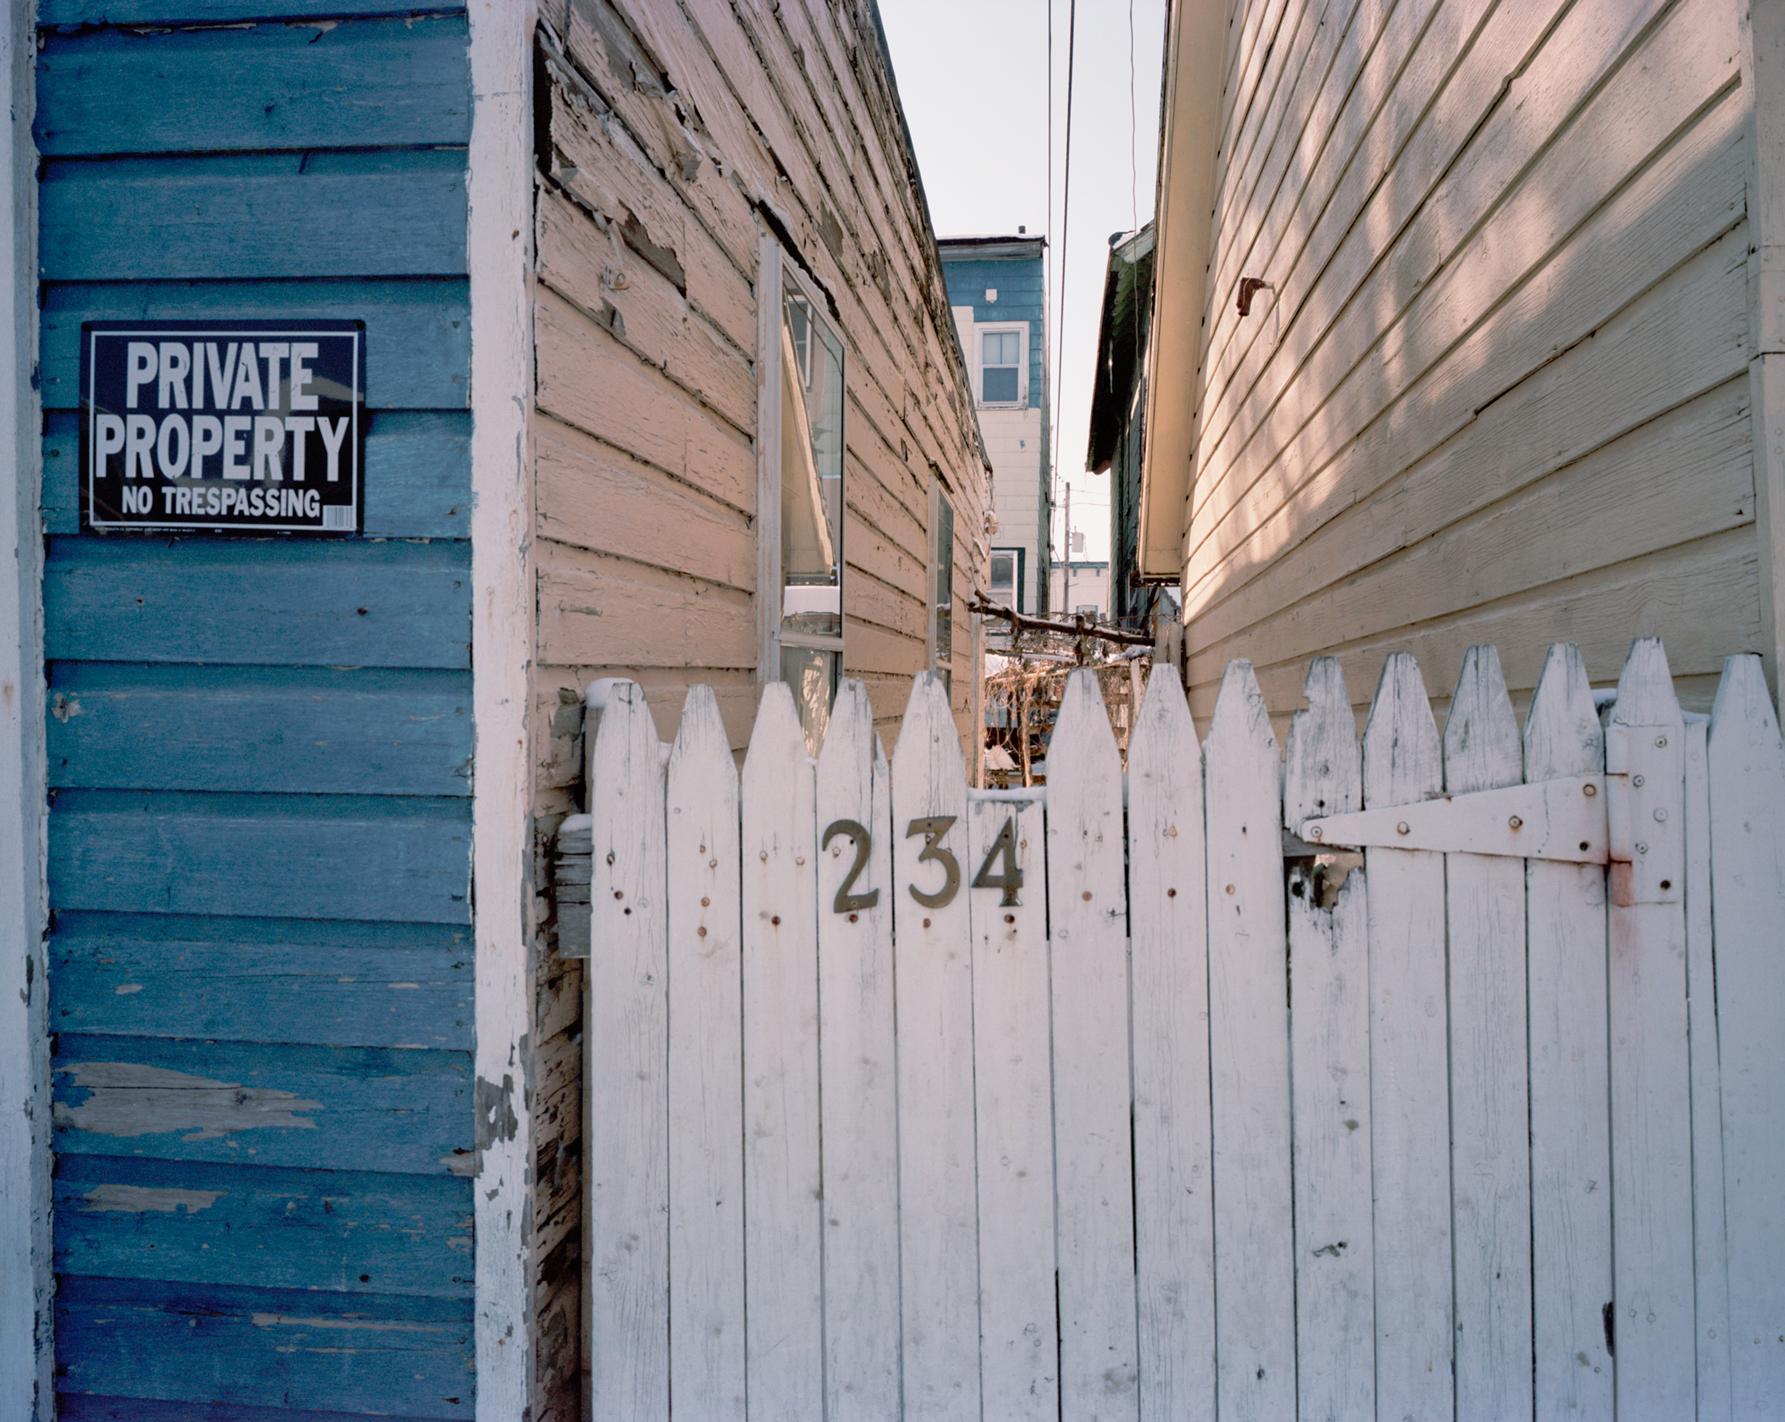 Rope243OverFenceSmall.jpg